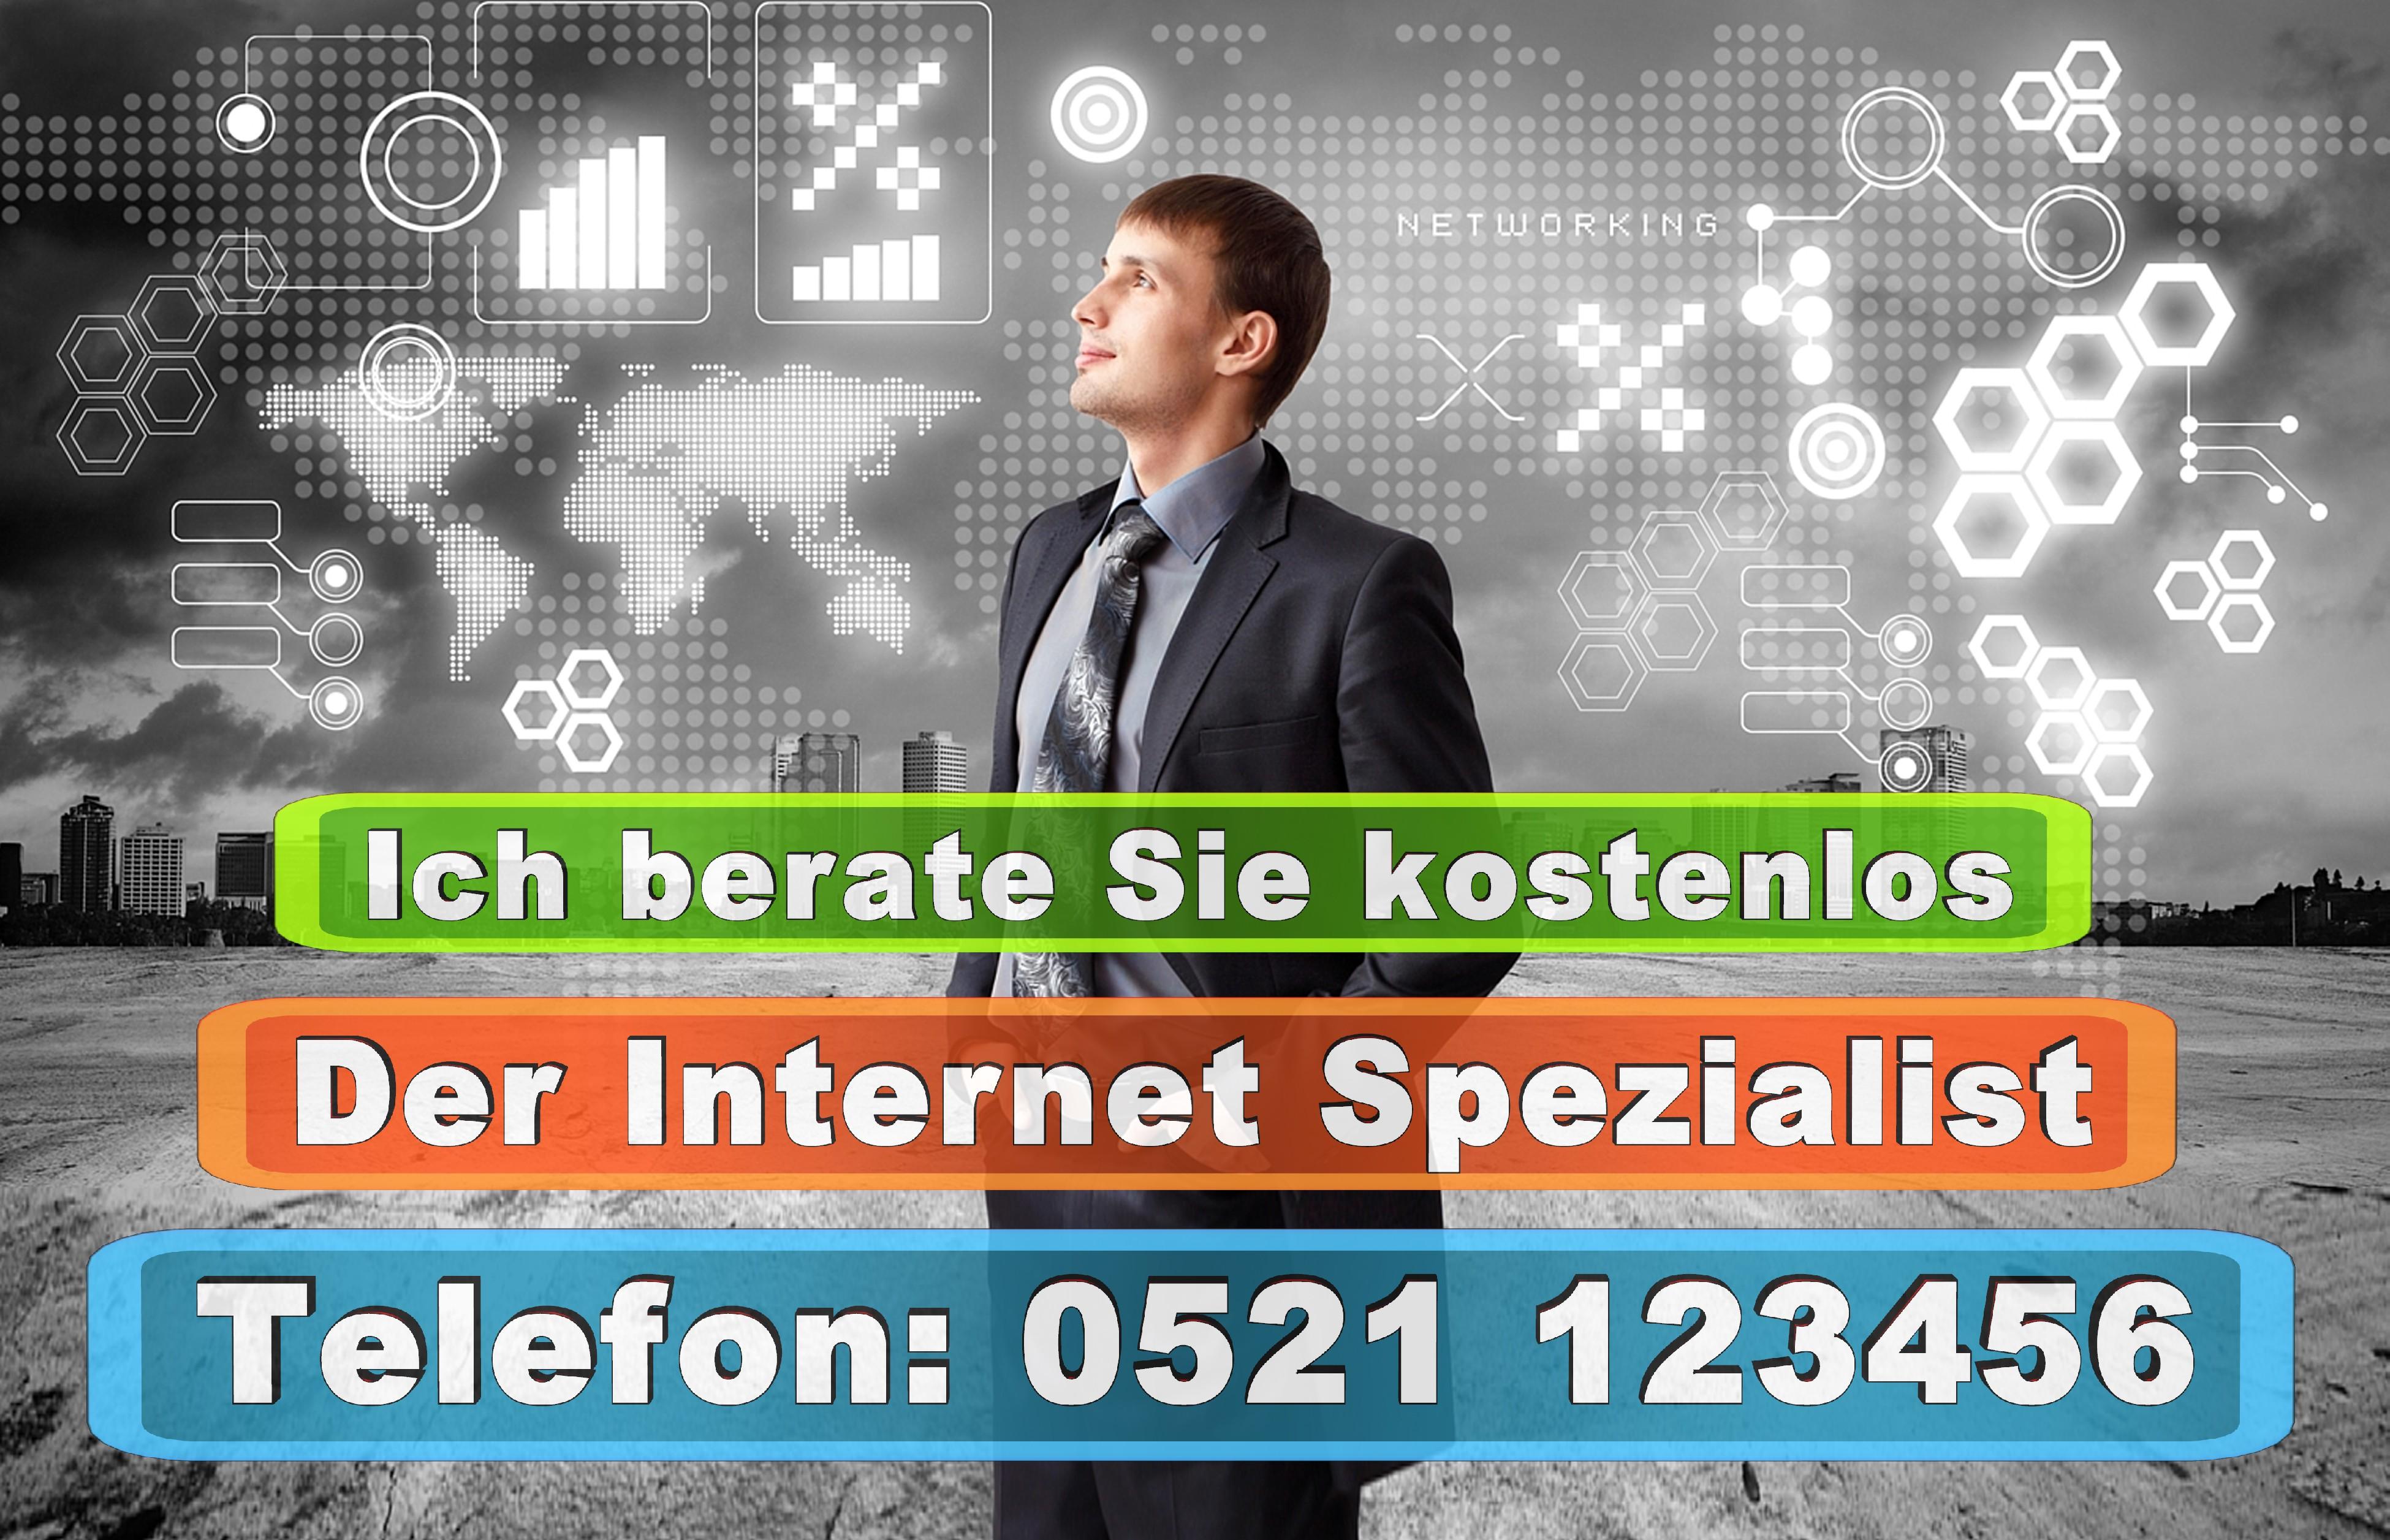 Bielefeld Werbeagenturen Druckereien Werbeplakate Print Druck Internet Computer Grafiker Designer Mode Geschäfte Bekleidung (17)